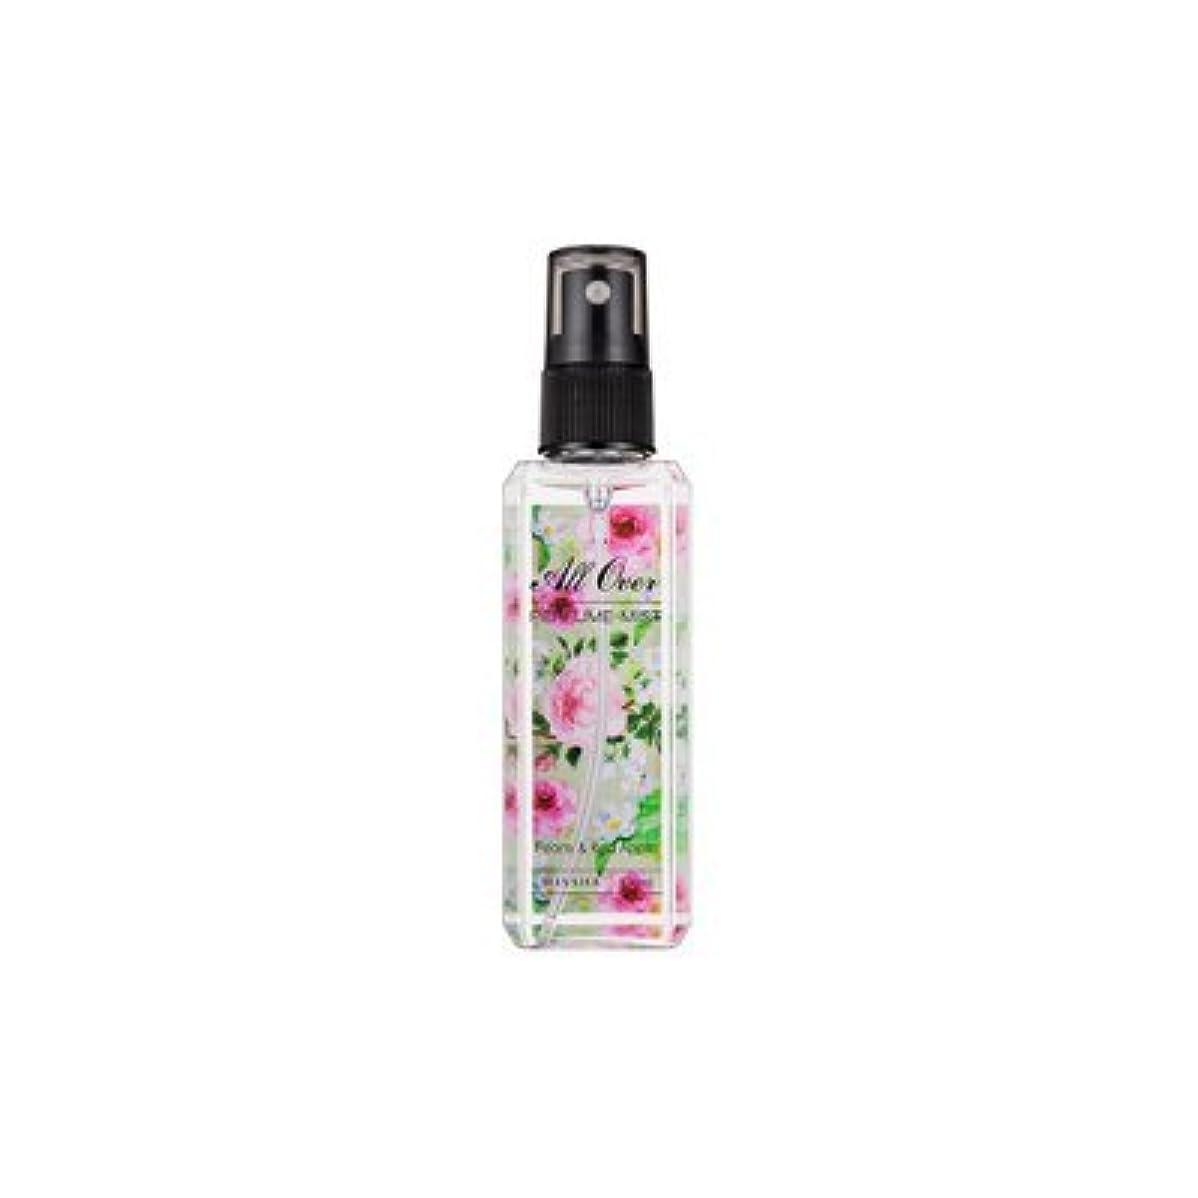 インセンティブリル注釈MISSHA All Over Perfumed Mist (Peony & Red Apple)/ ミシャ オールオーバーパフュームミスト (Peony & Red Apple) [並行輸入品]